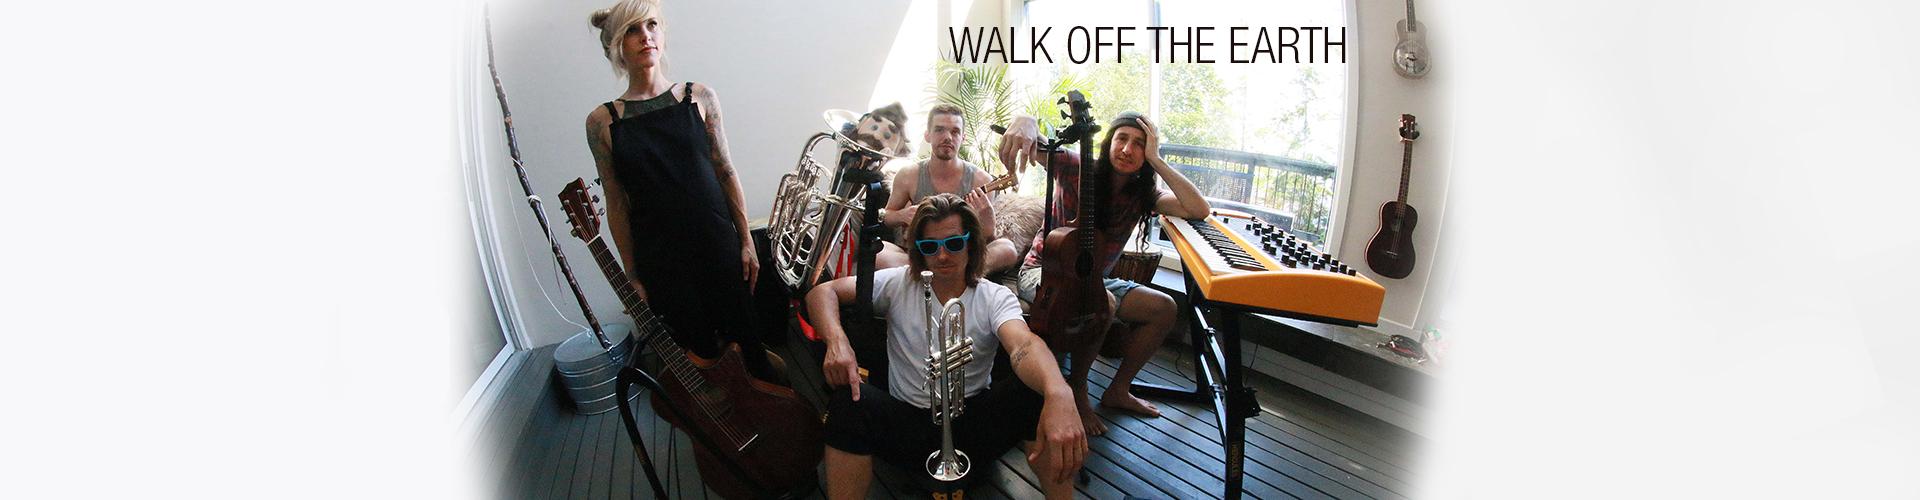 Artist Spotlight - Walk Of The Earth